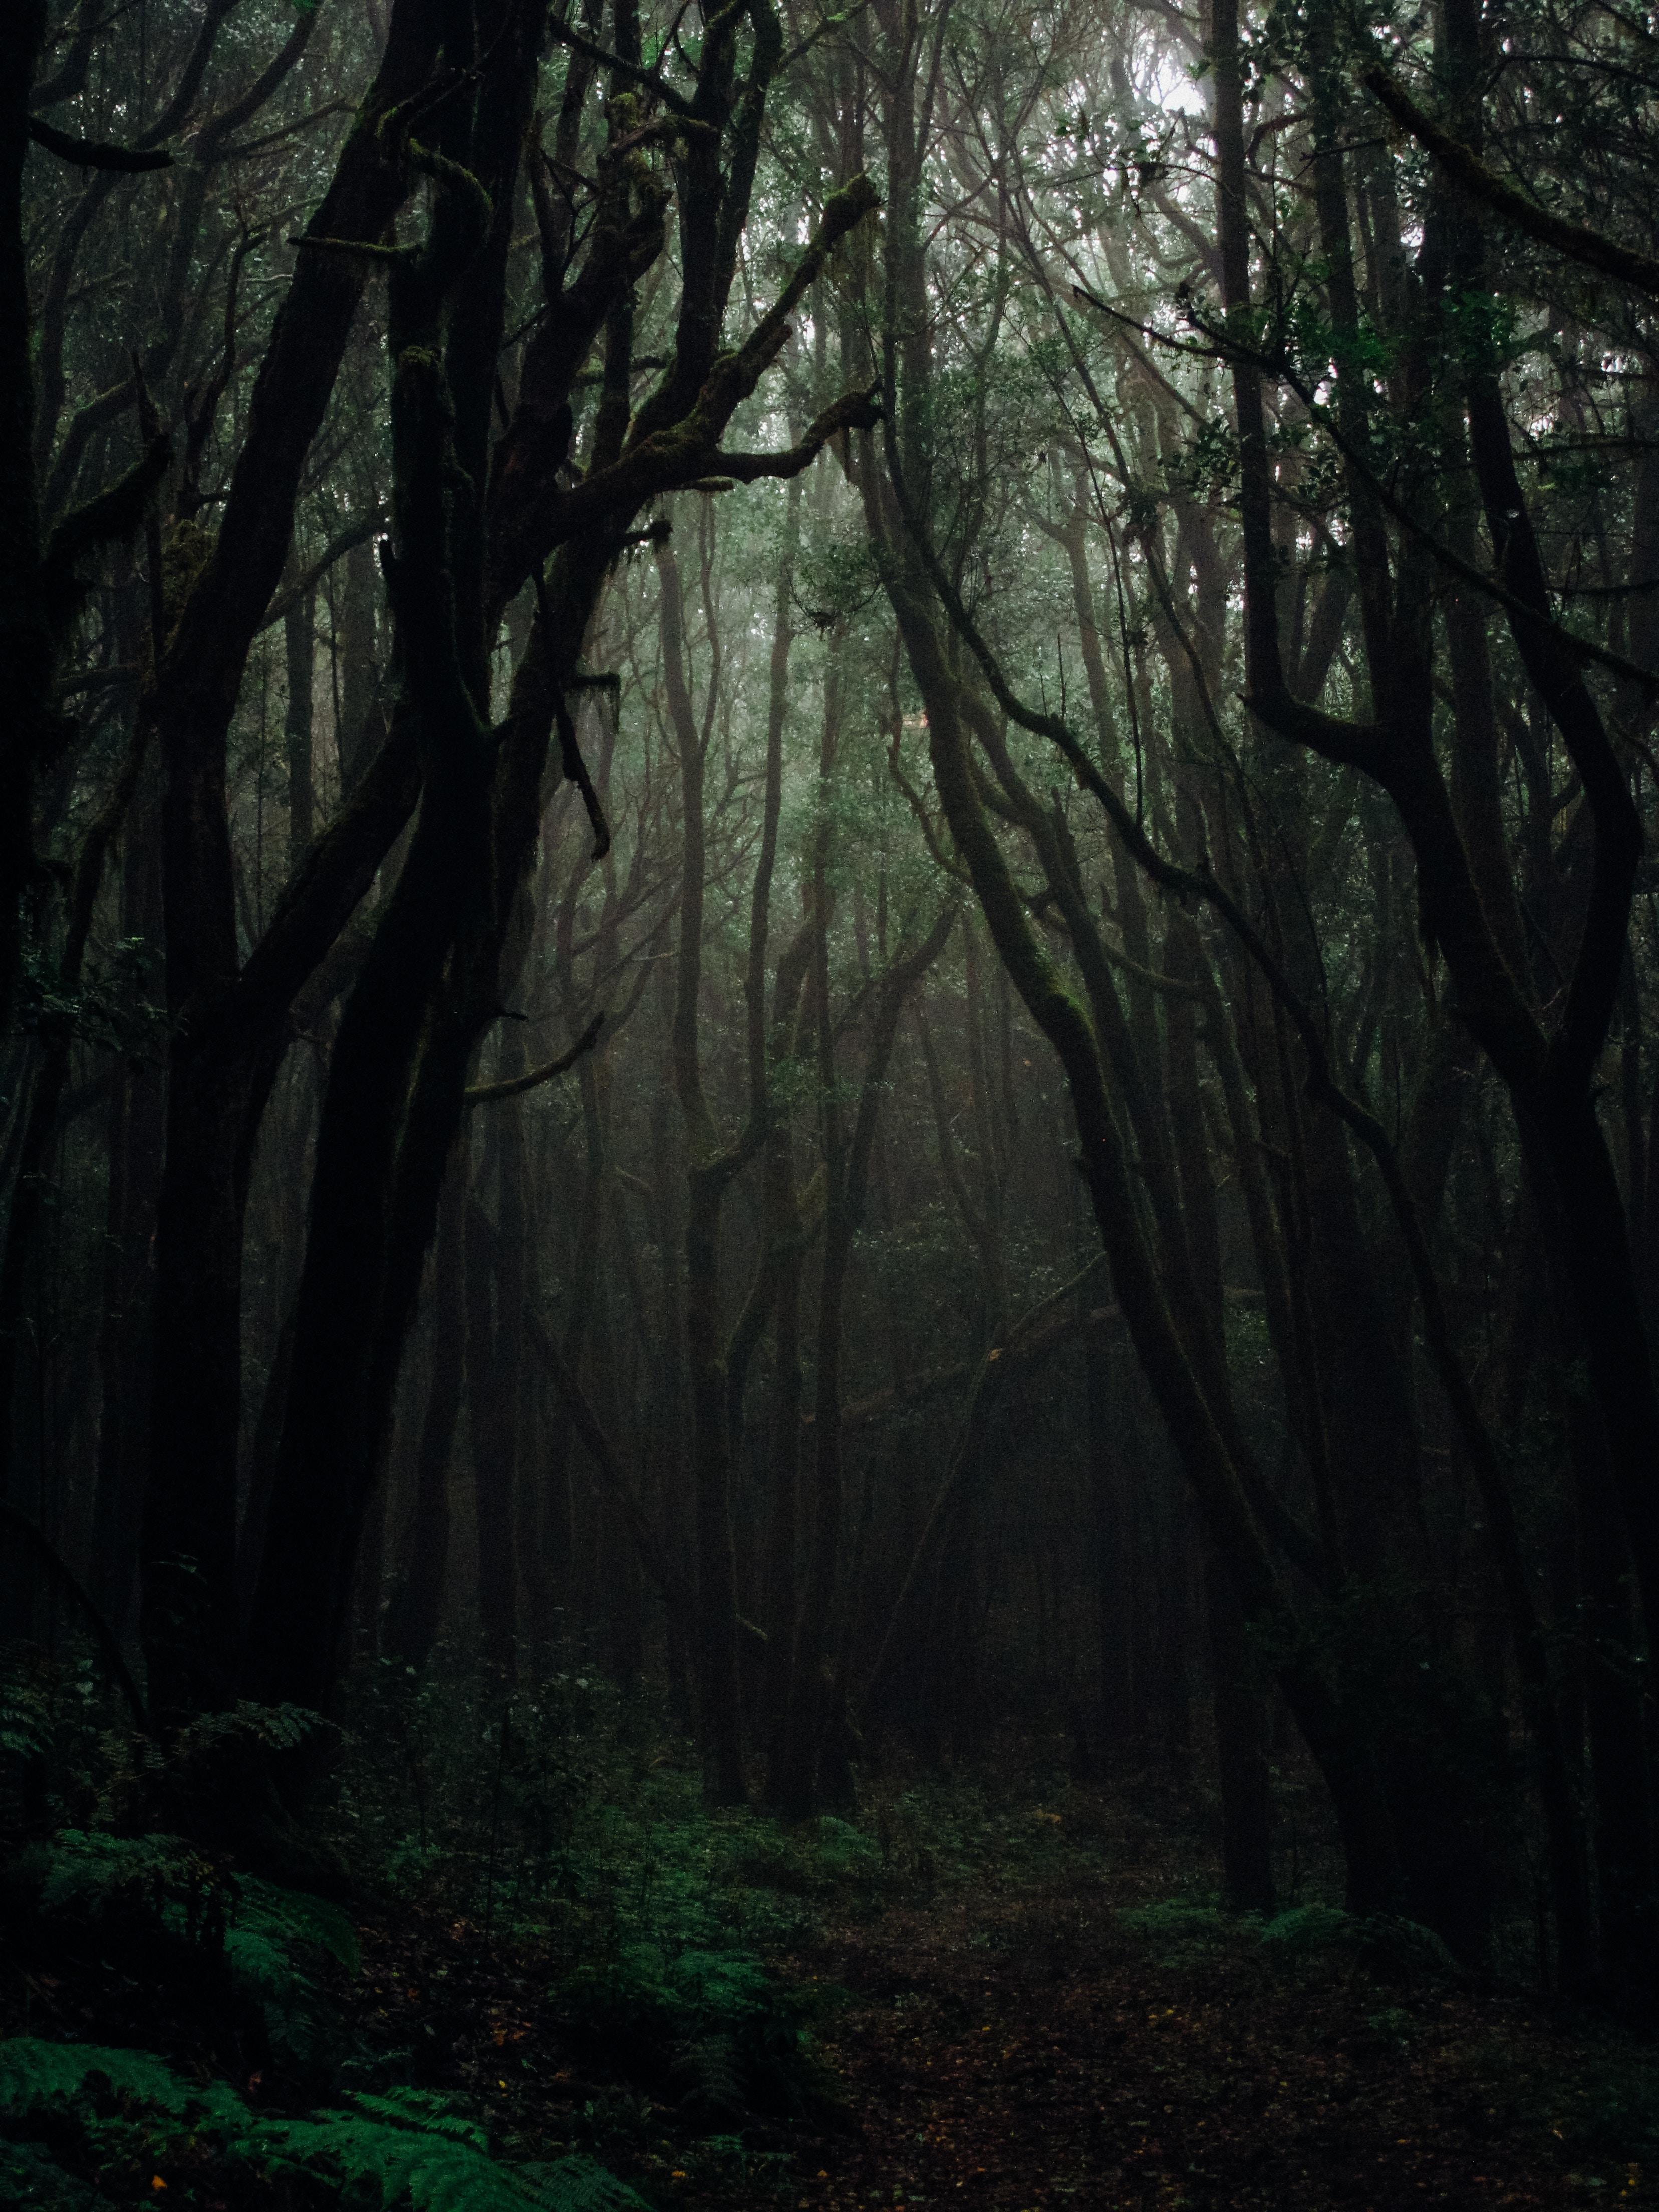 145053 Hintergrundbild herunterladen Dunkel, Natur, Bäume, Herbst, Wald, Nebel, Geäst, Zweige, Düster, Düsteren - Bildschirmschoner und Bilder kostenlos